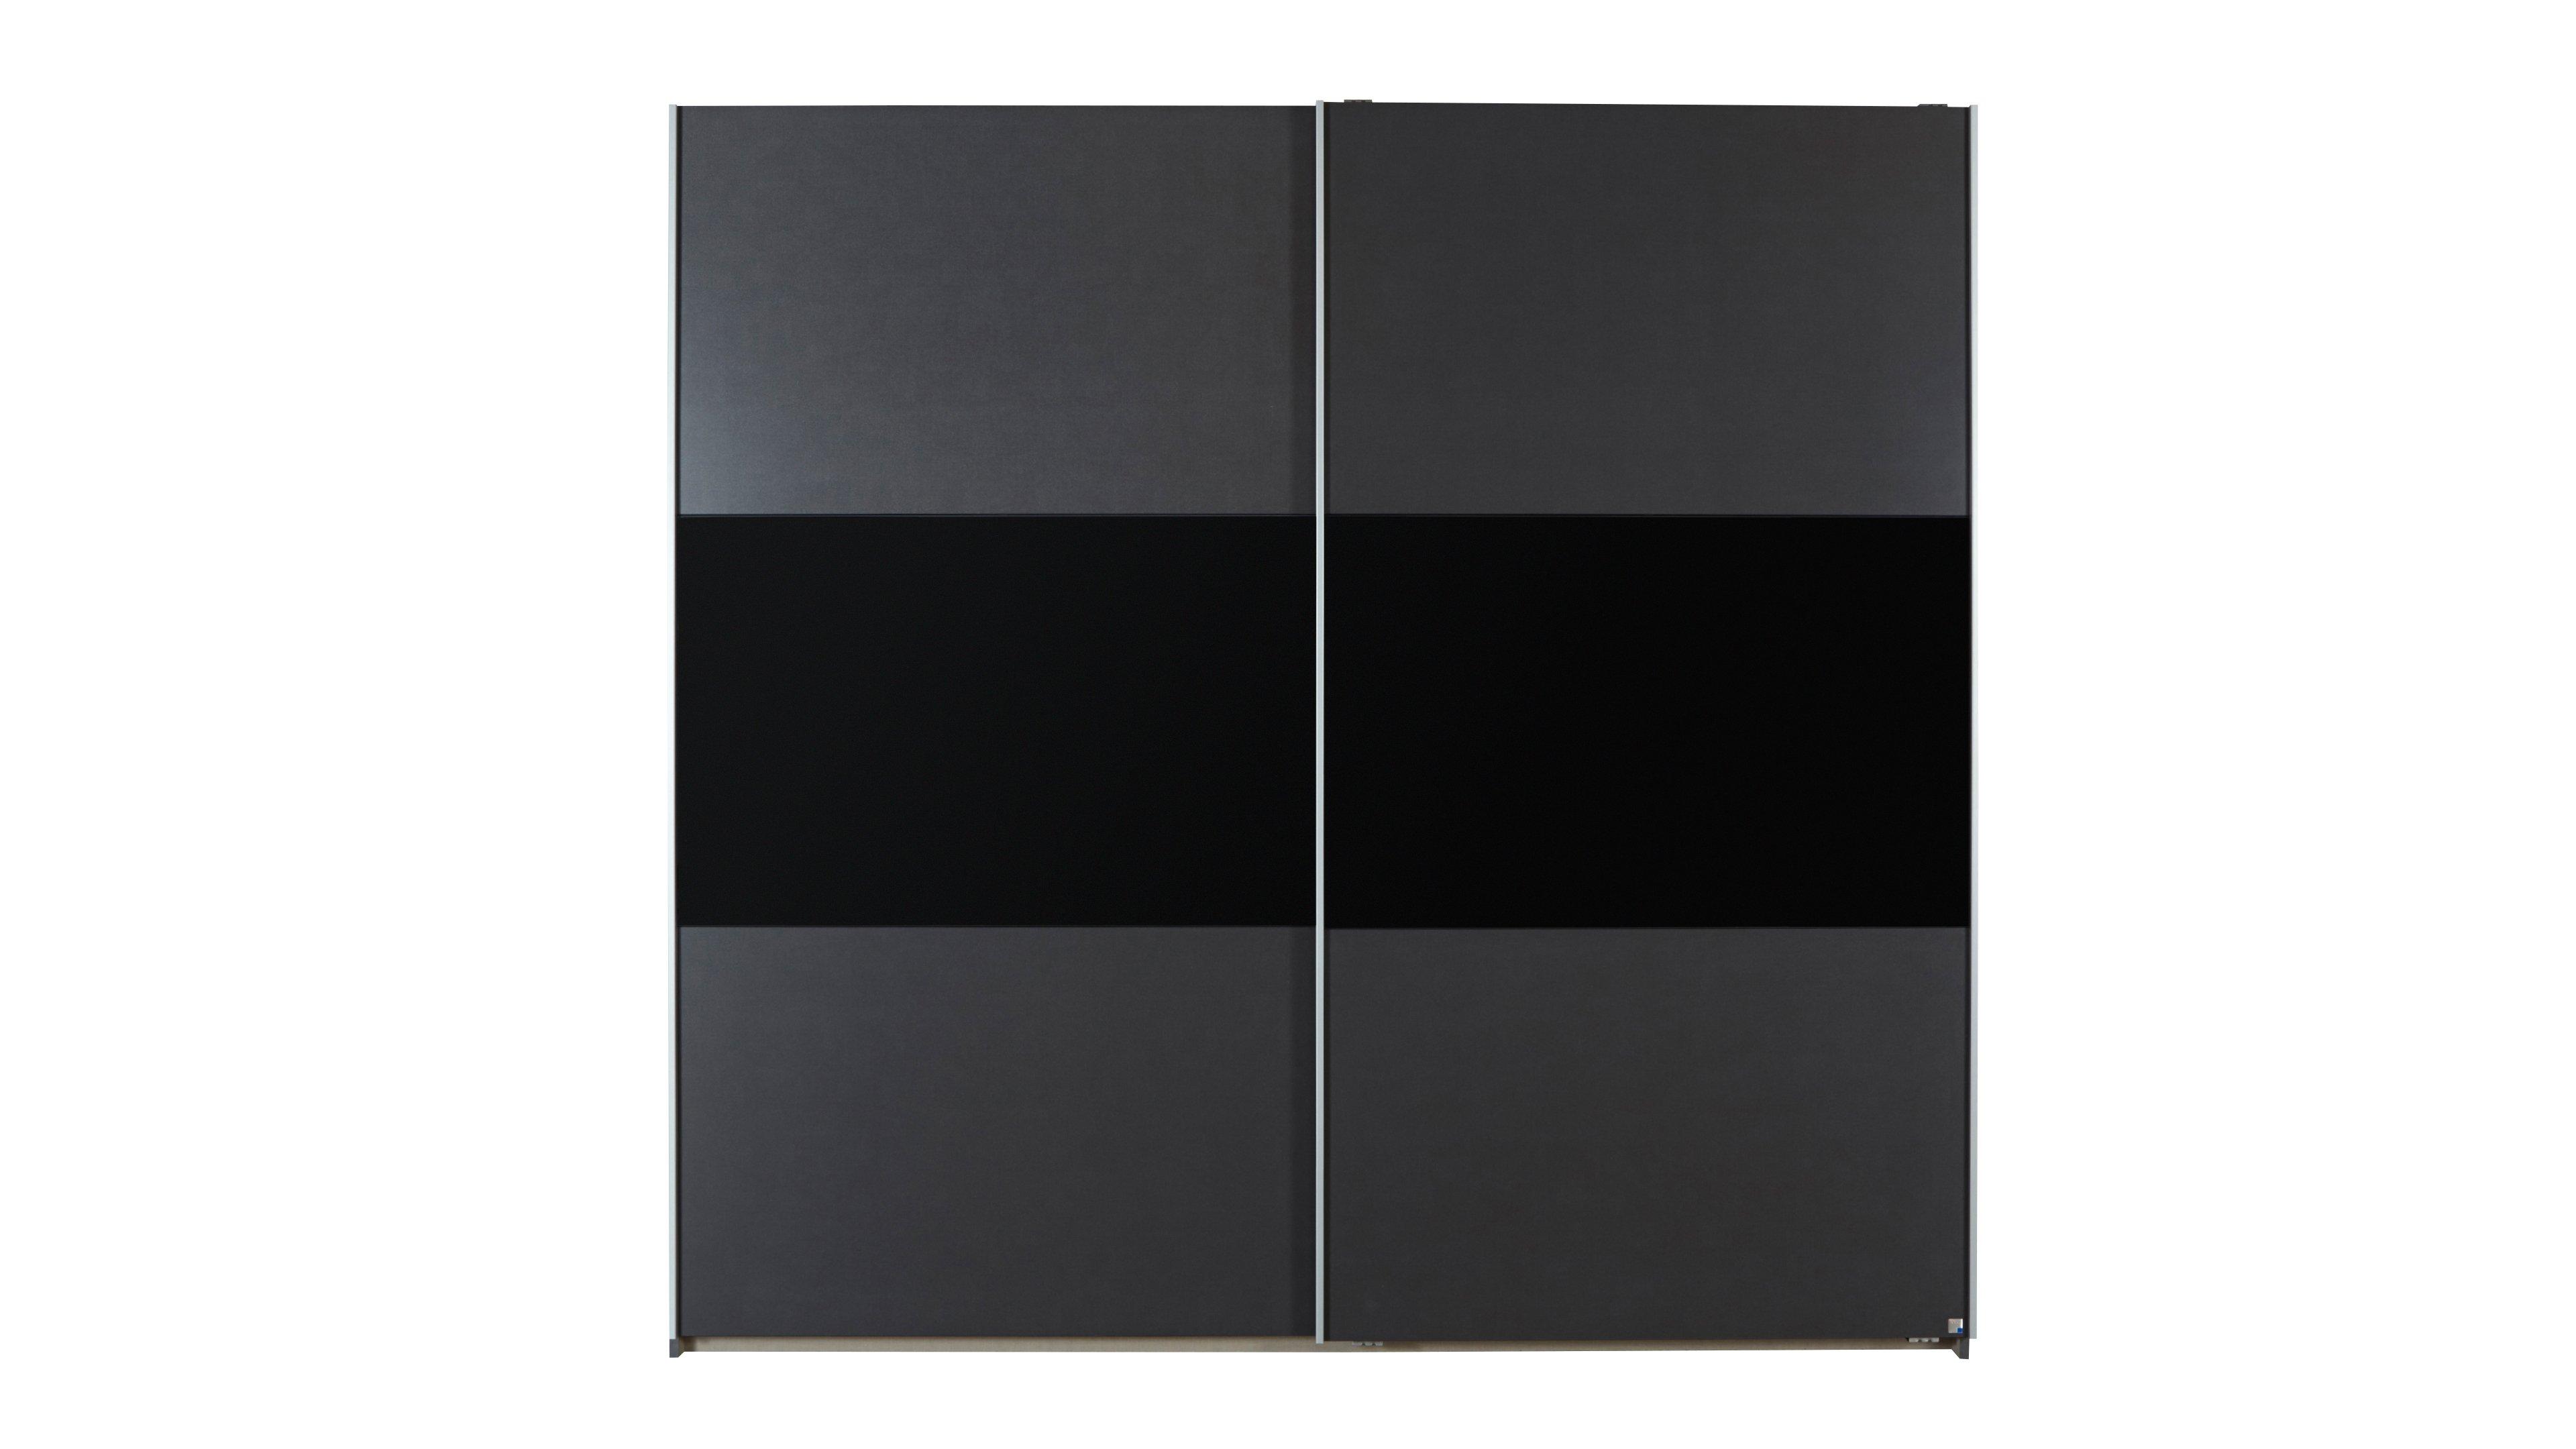 Schwebetürenschrank Loriga Grau-metallic, Schwarz, Aluminium